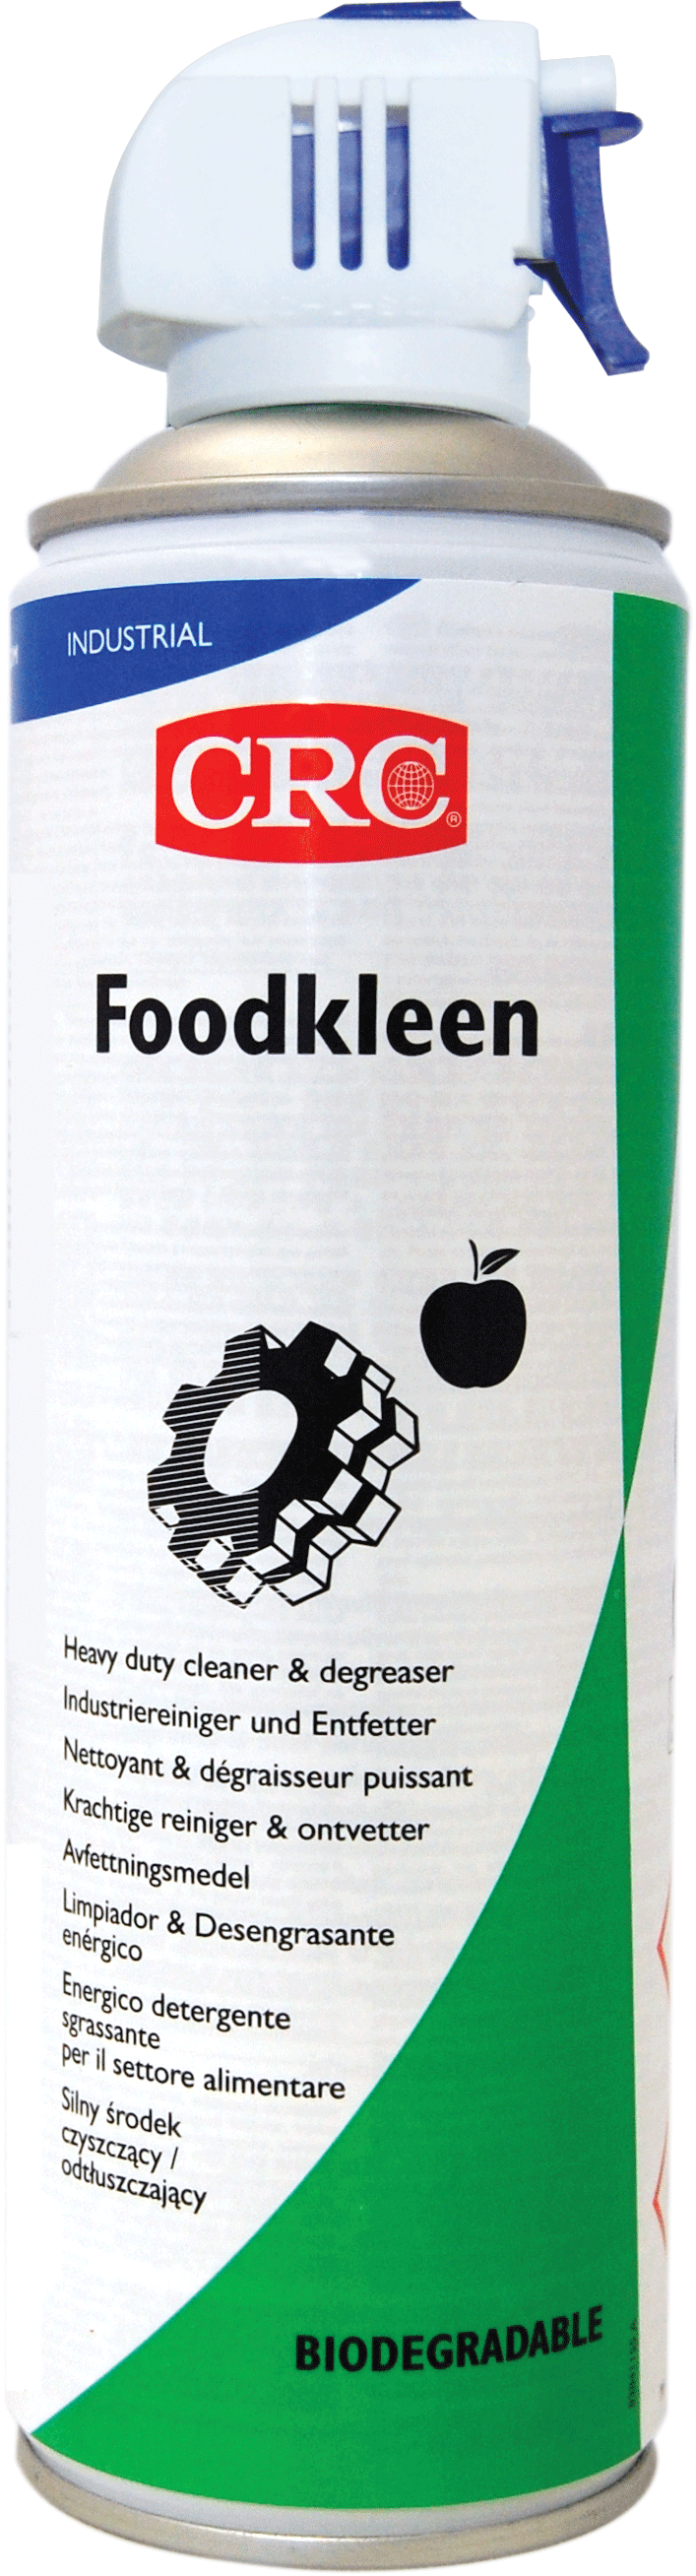 Afbeelding van crc industry fps foodkleen 500 ml, spuitbus